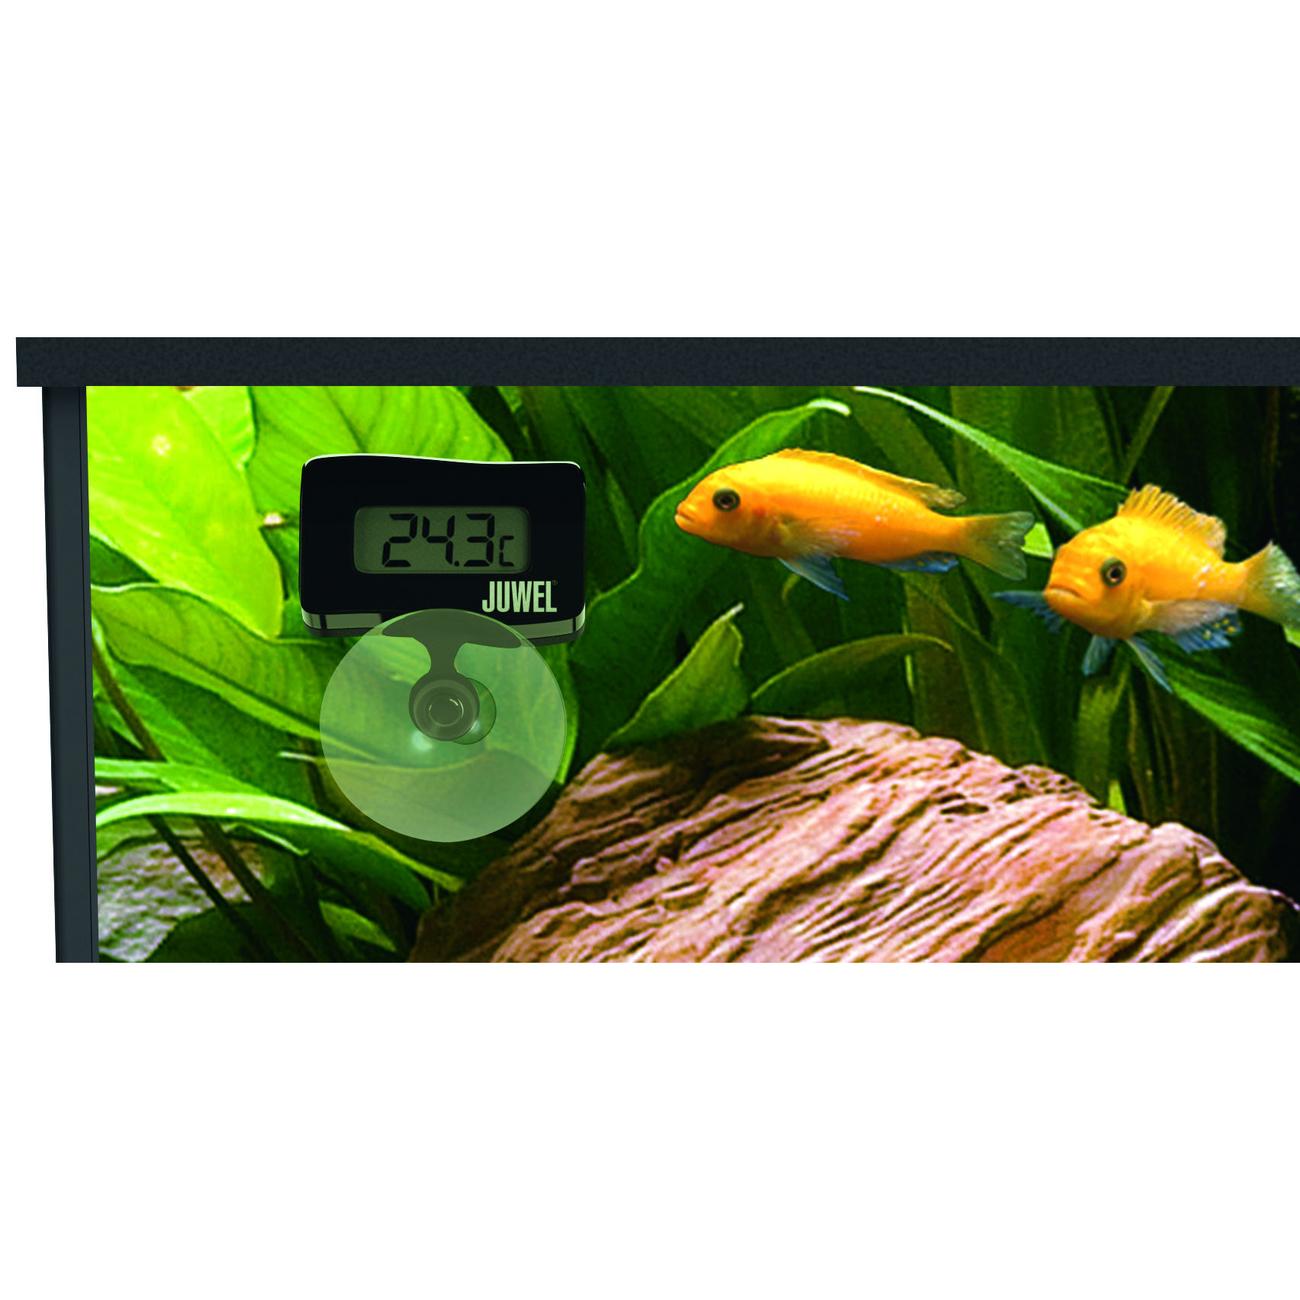 Juwel Digitalthermometer 2.0 für Aquarien, Bild 3